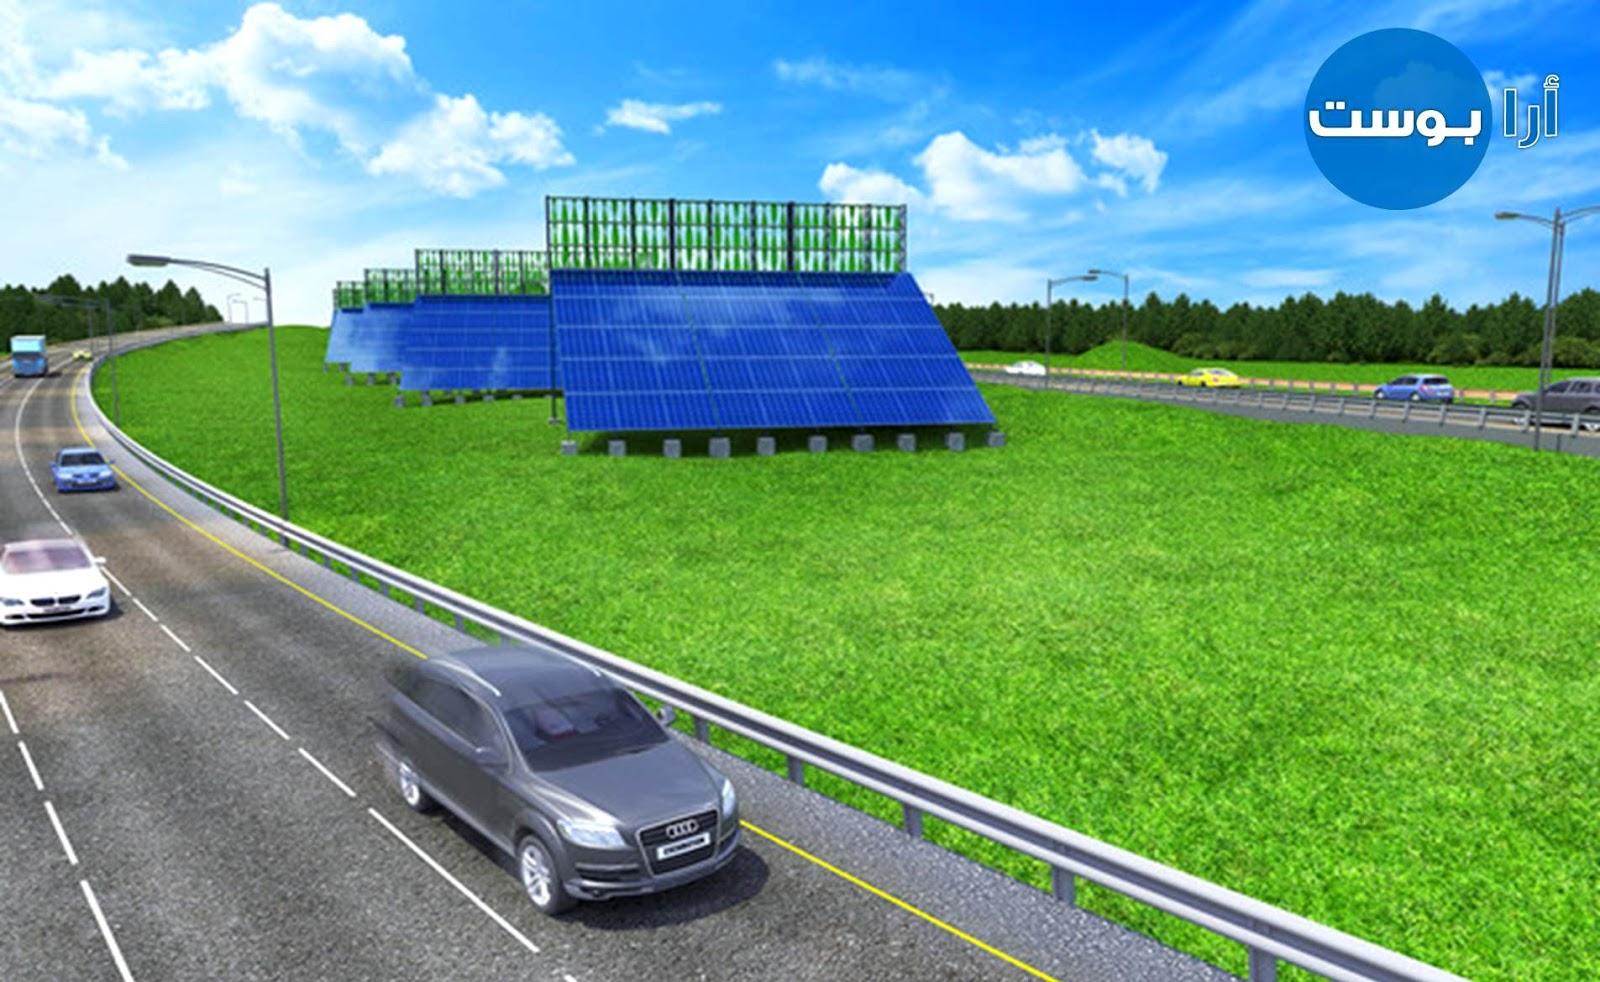 أول نظام هجين لتوليد الكهرباء من طاقة الشمس والرياح معاً في الأرجنتين !